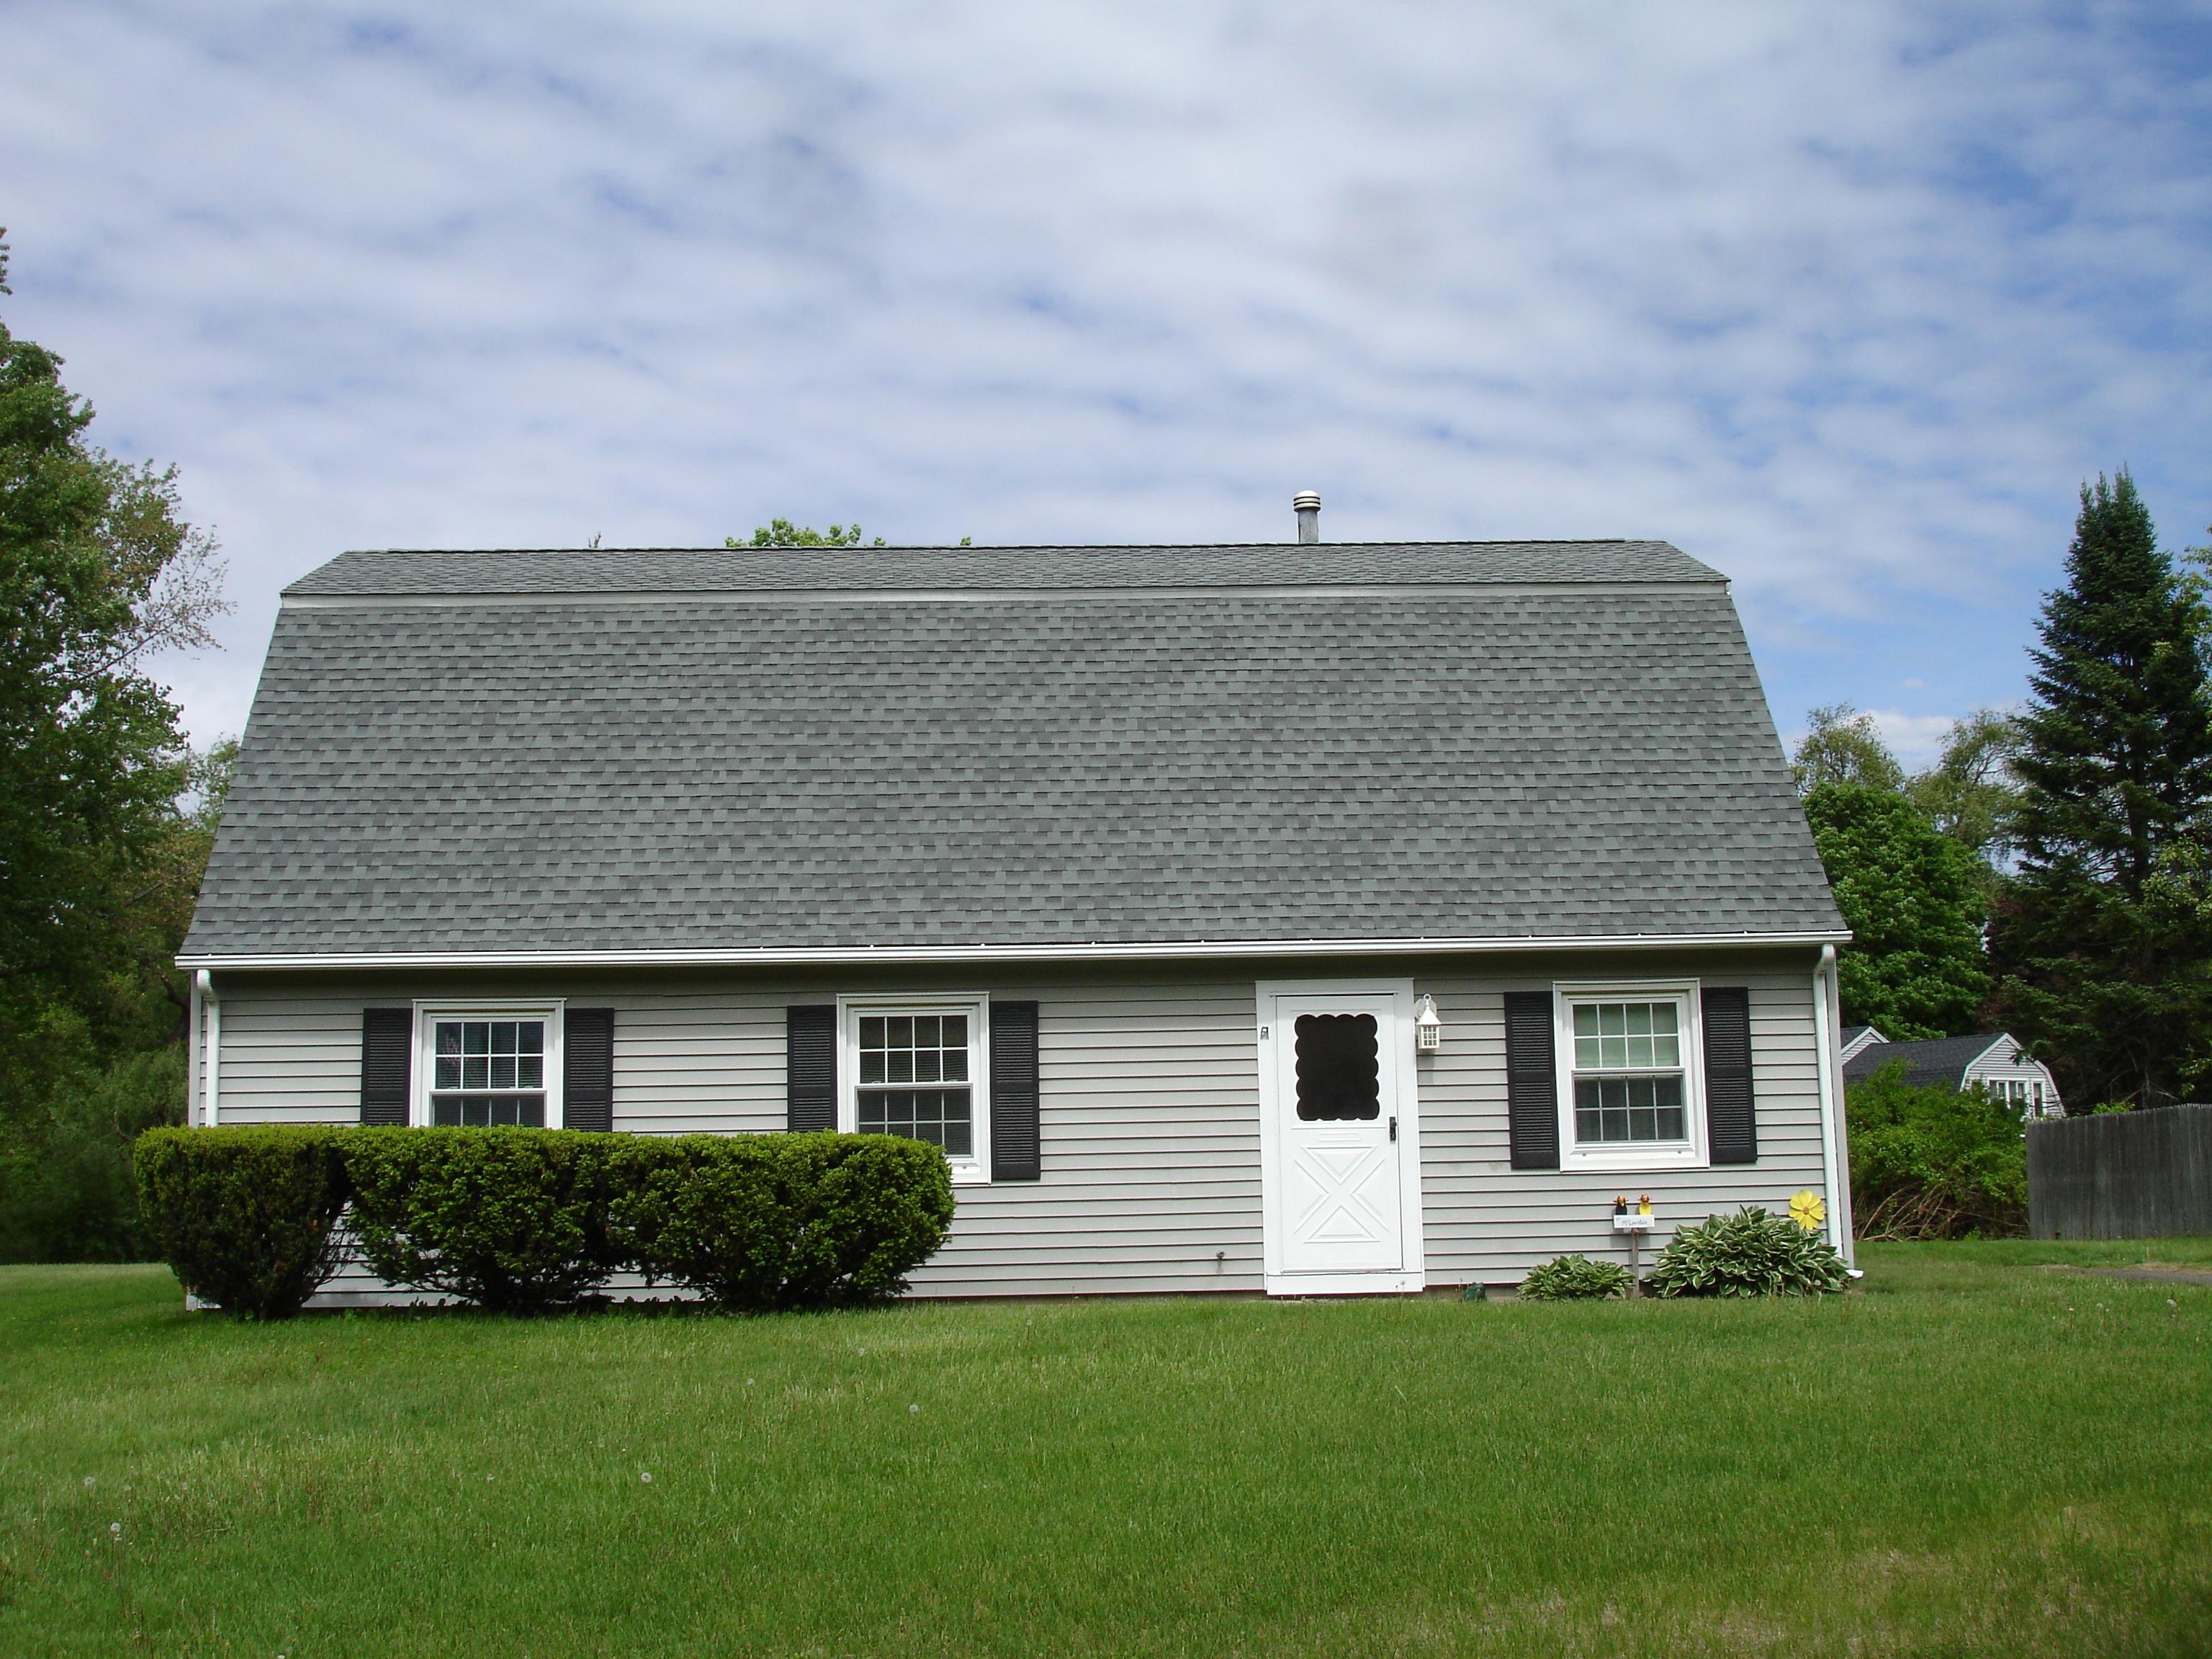 Nhà ở một gia đình vì Bán tại Wonderful Home on Level Lot 7 Caye Road Danbury, Connecticut 06811 Hoa Kỳ